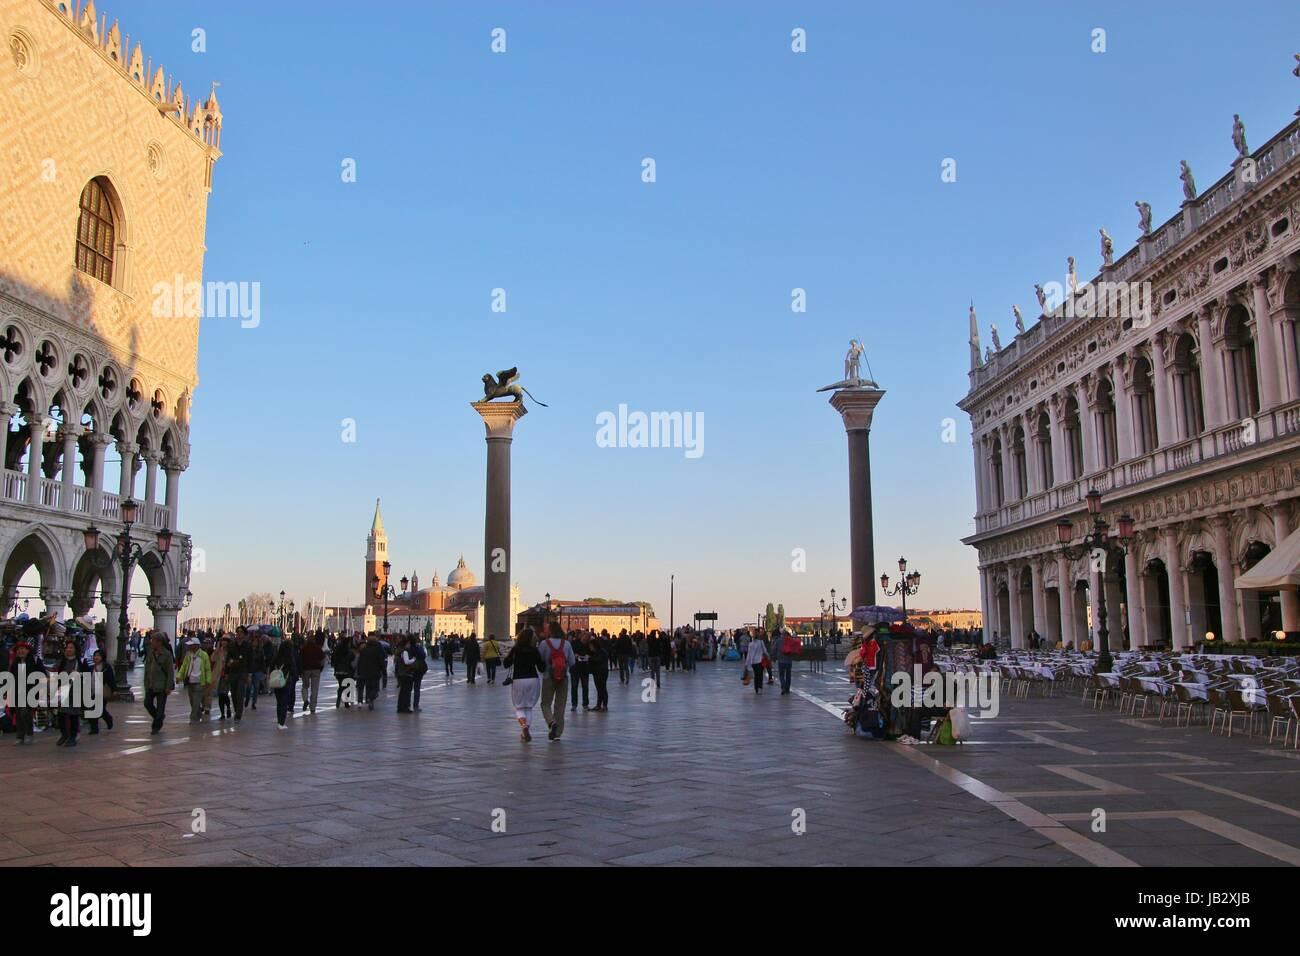 San Marco Lion Statues Imágenes De Stock & San Marco Lion Statues ...